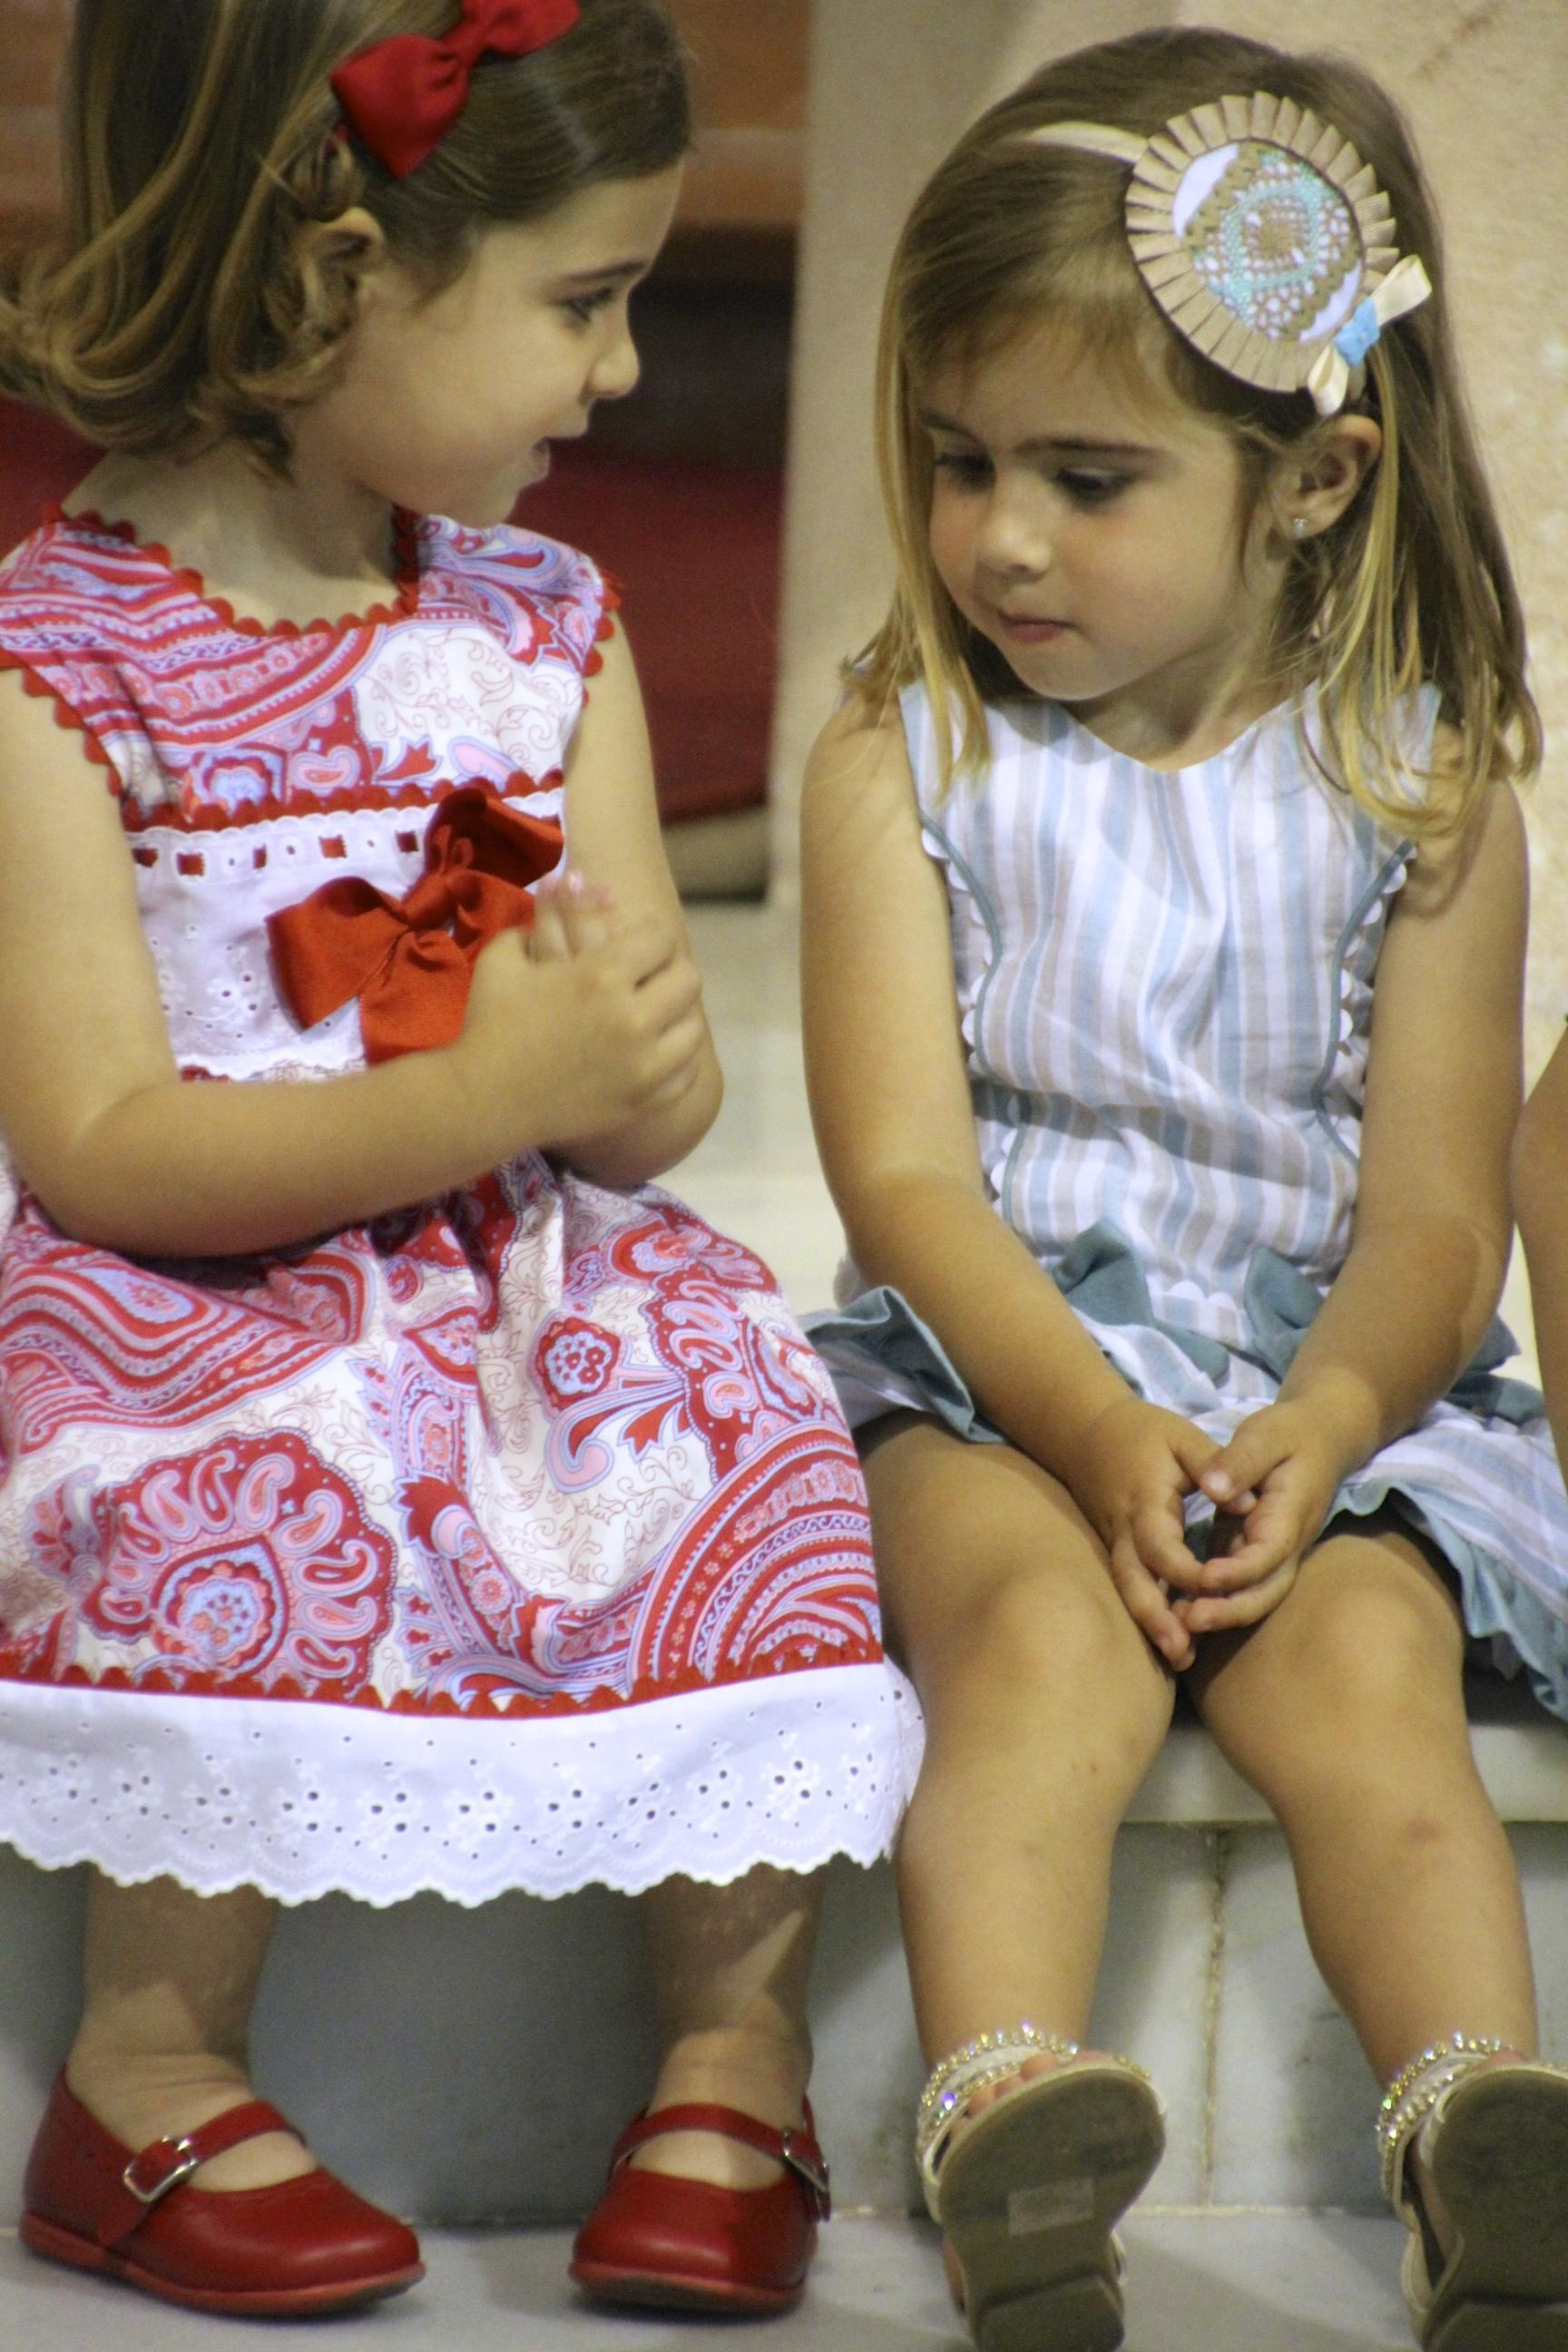 En voi lakata ihailemasta espanjalaisten lasten vaatteita...